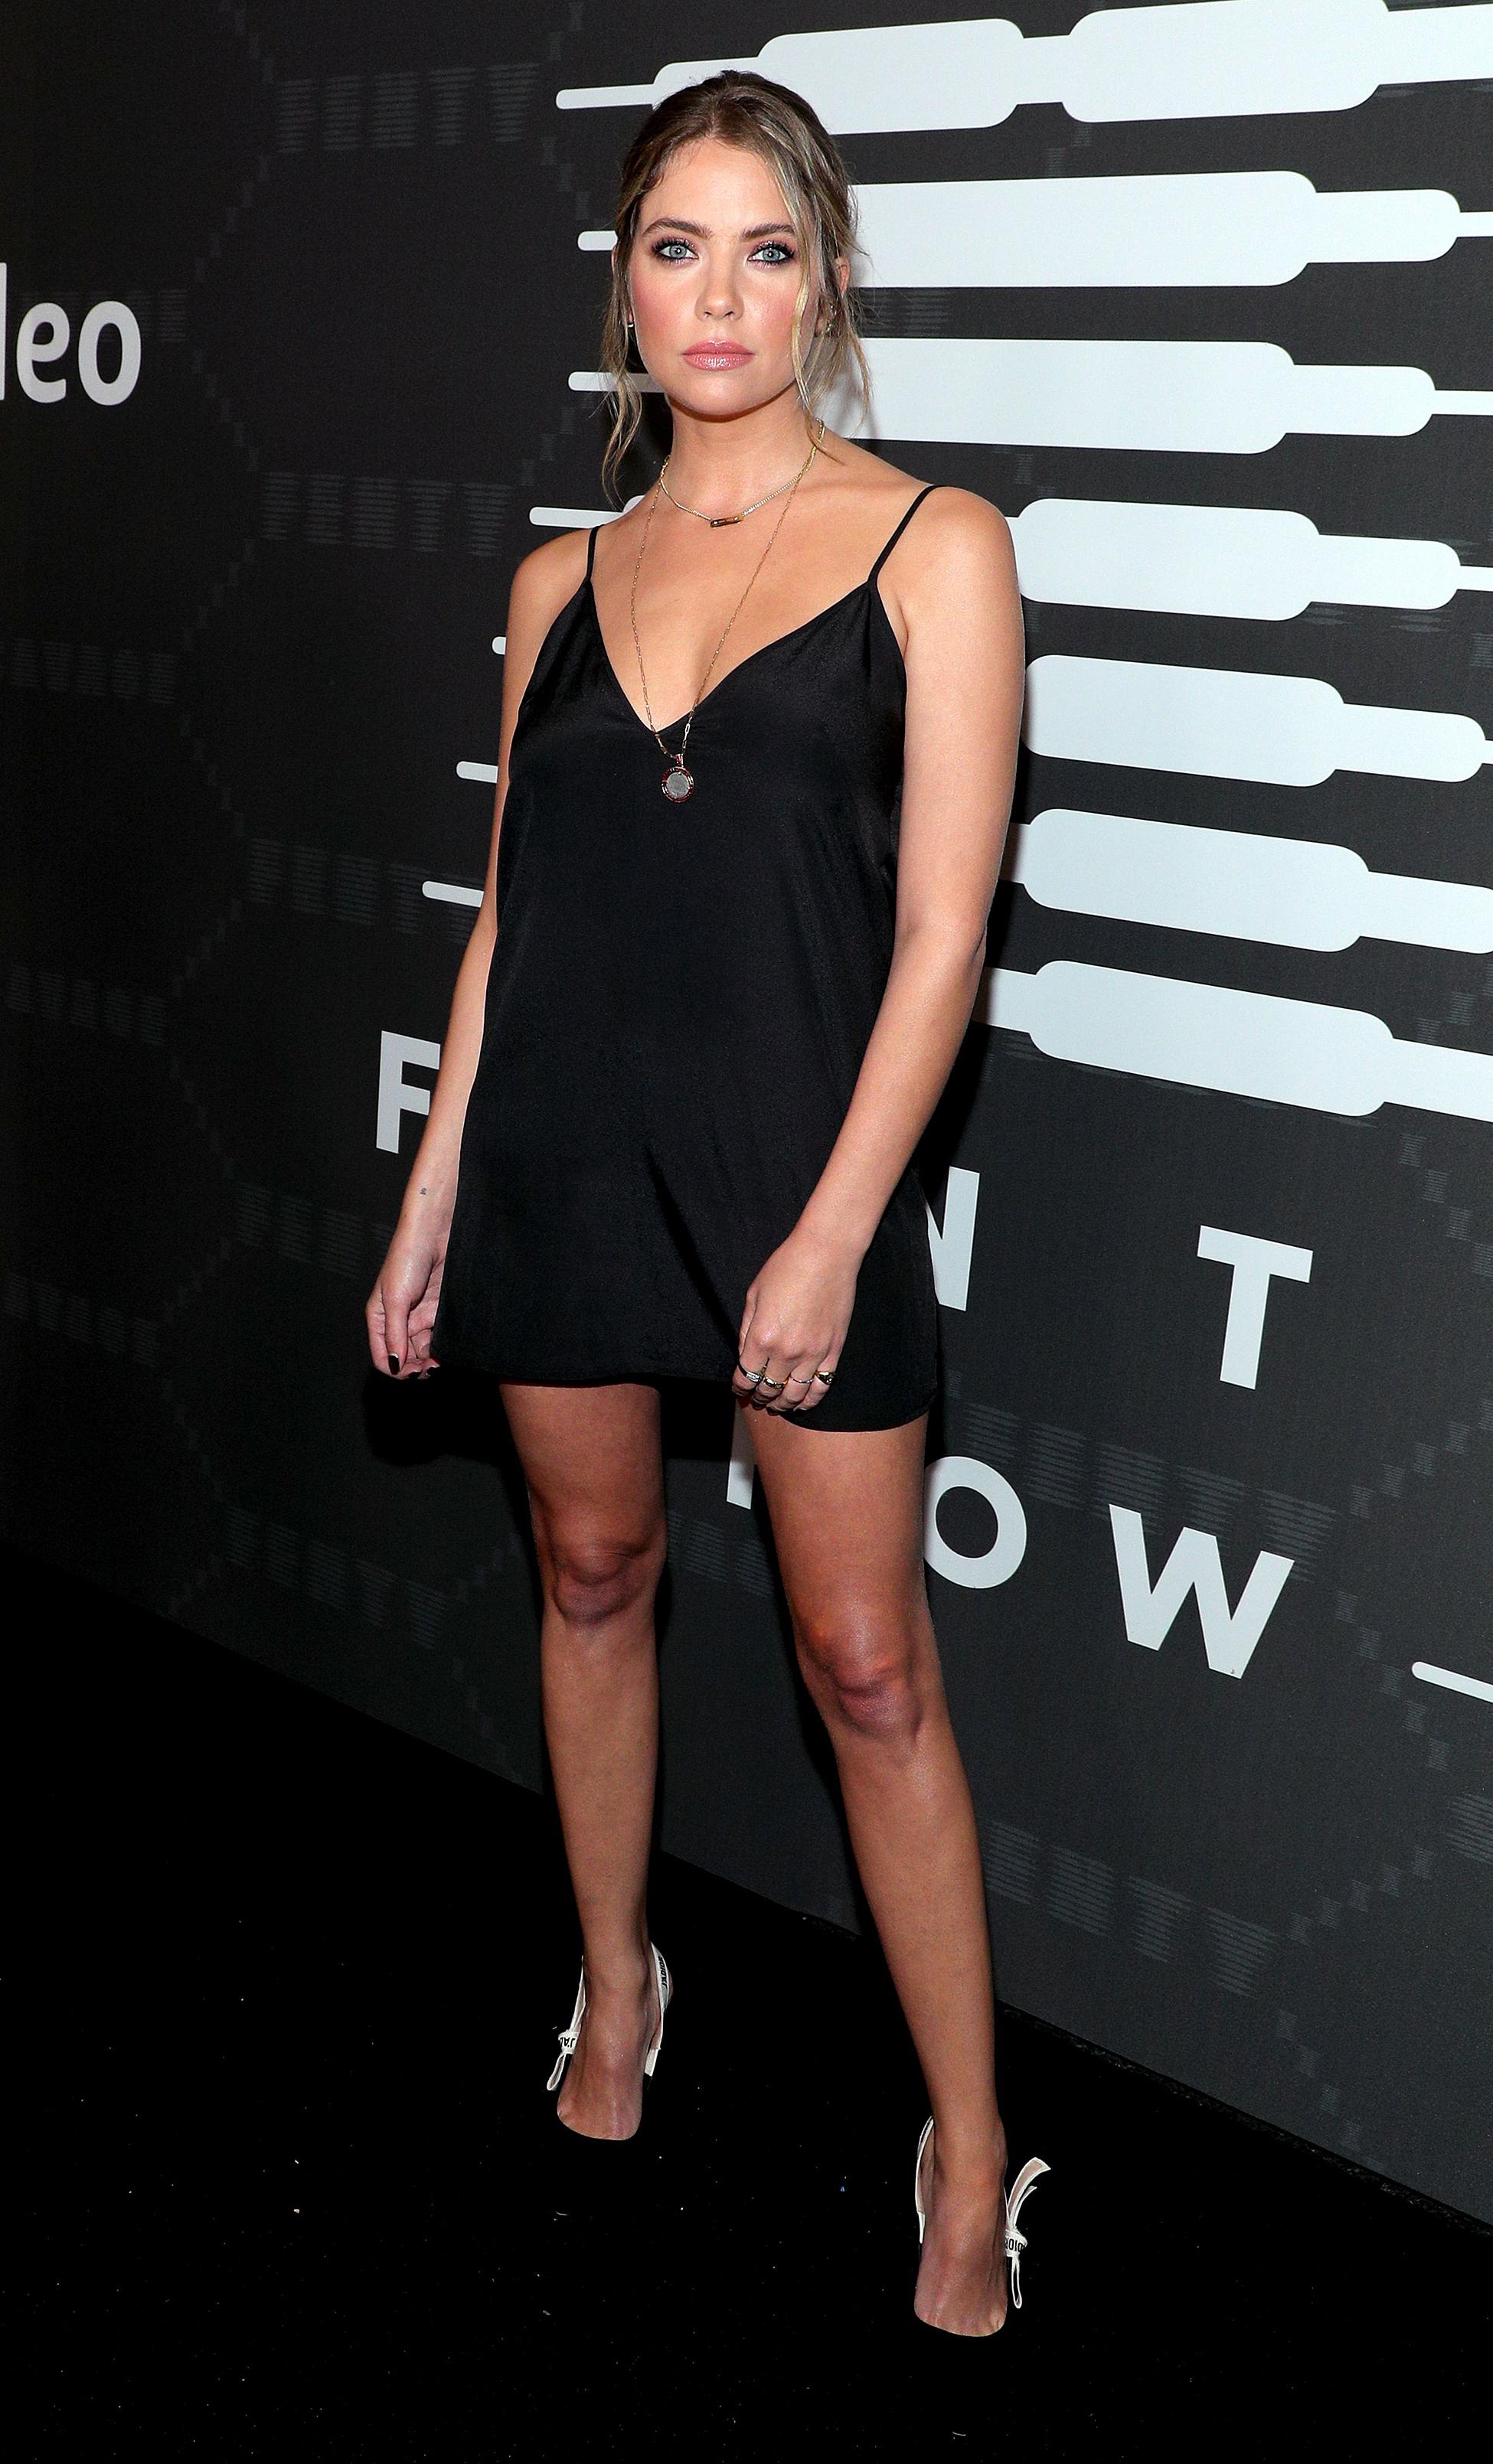 https://www.usmagazine.com/wp content/uploads/2019/09/NYFW Style Ashley Benson